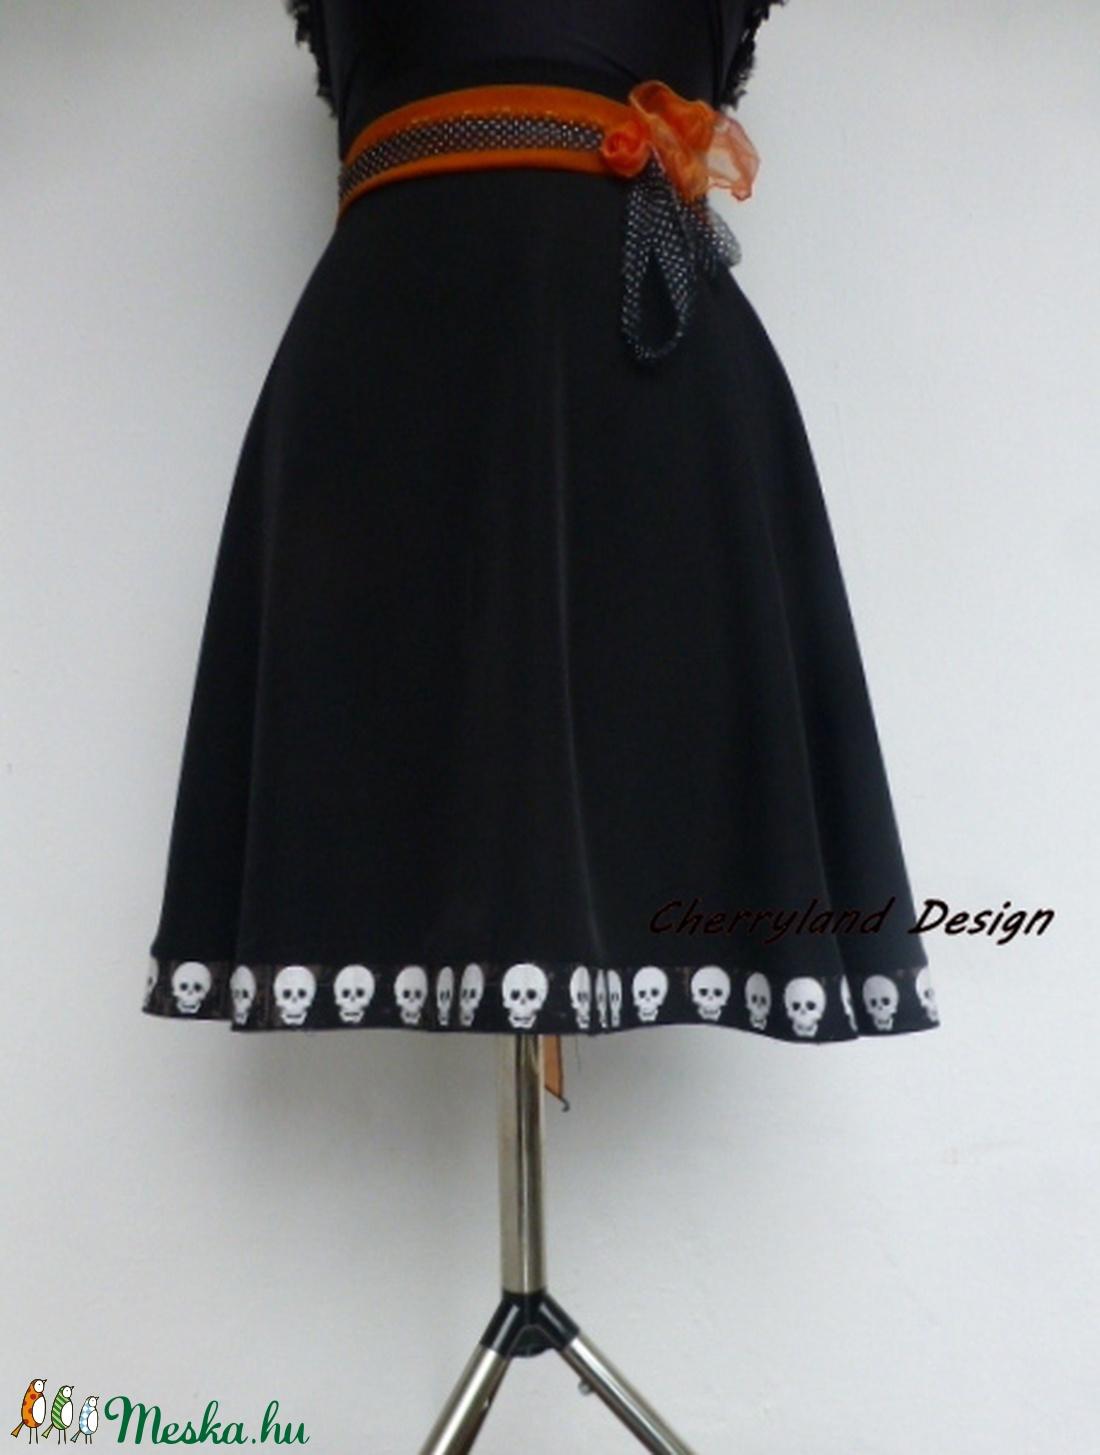 Cherryland Design Koponyás Egyedi kivitelű szoknya. - halloween - halloweeni jelmez és kiegészítők - Meska.hu